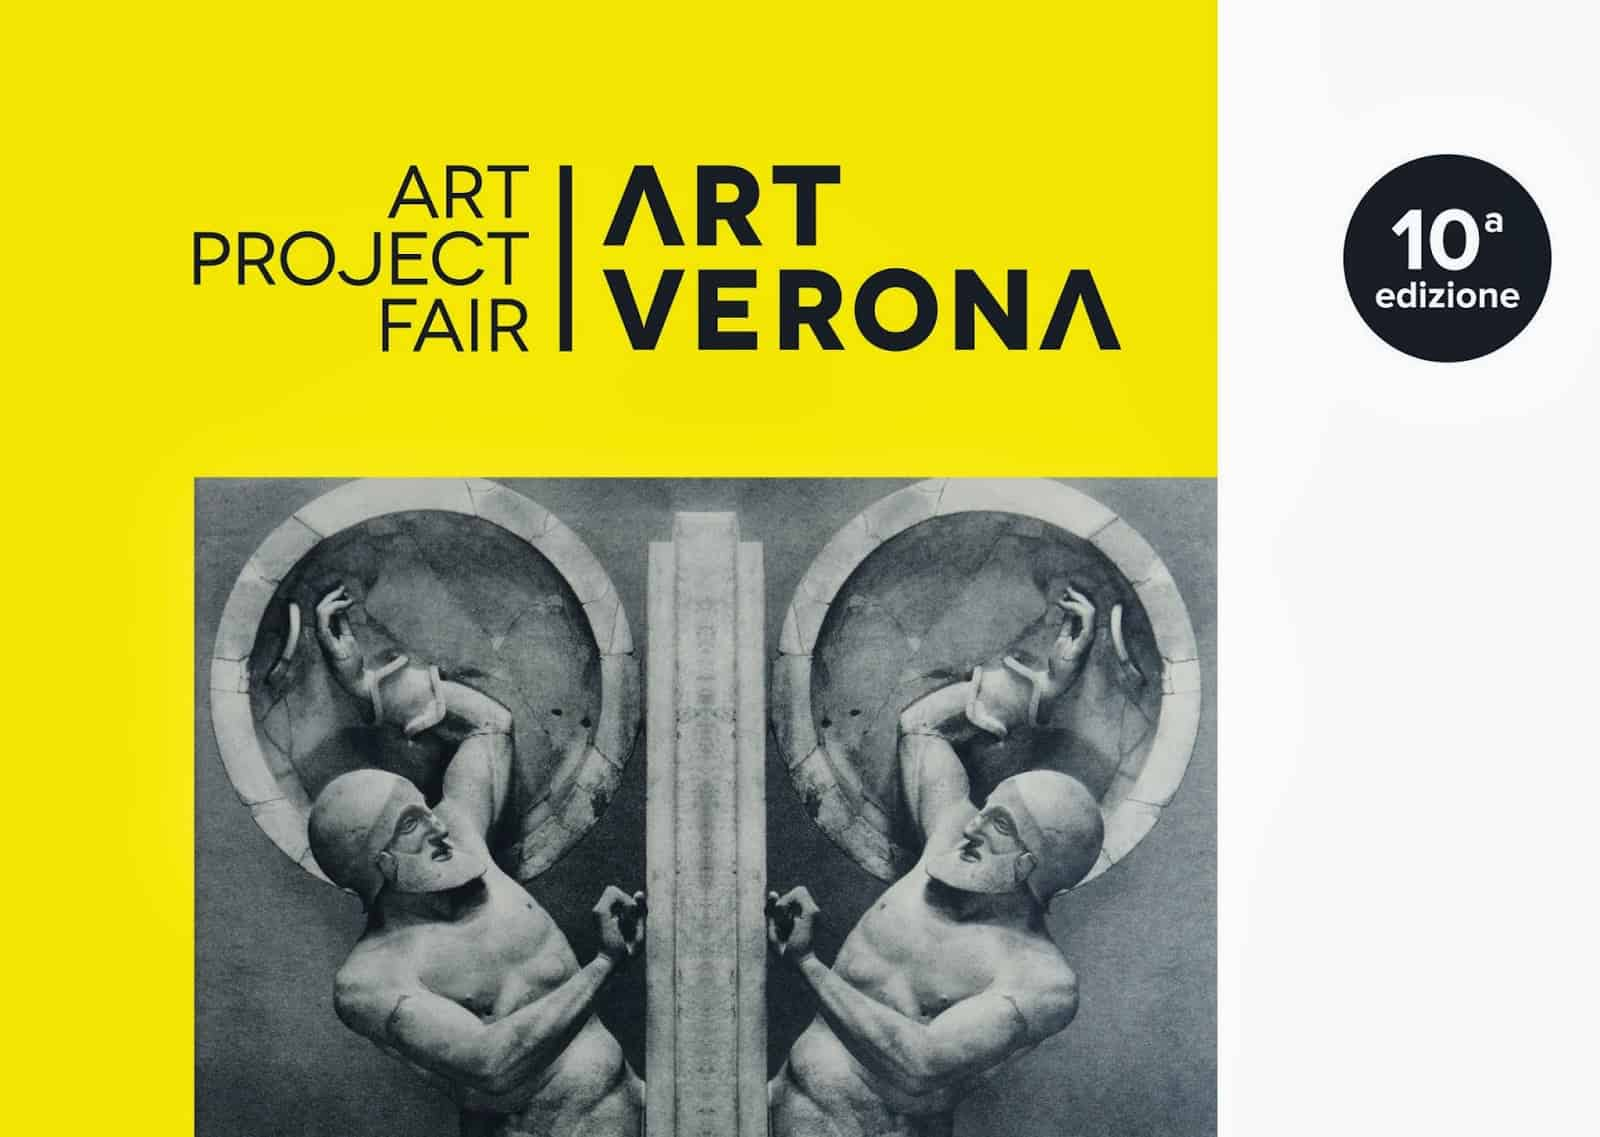 ArtVerona 2014 La fiera dell'arte